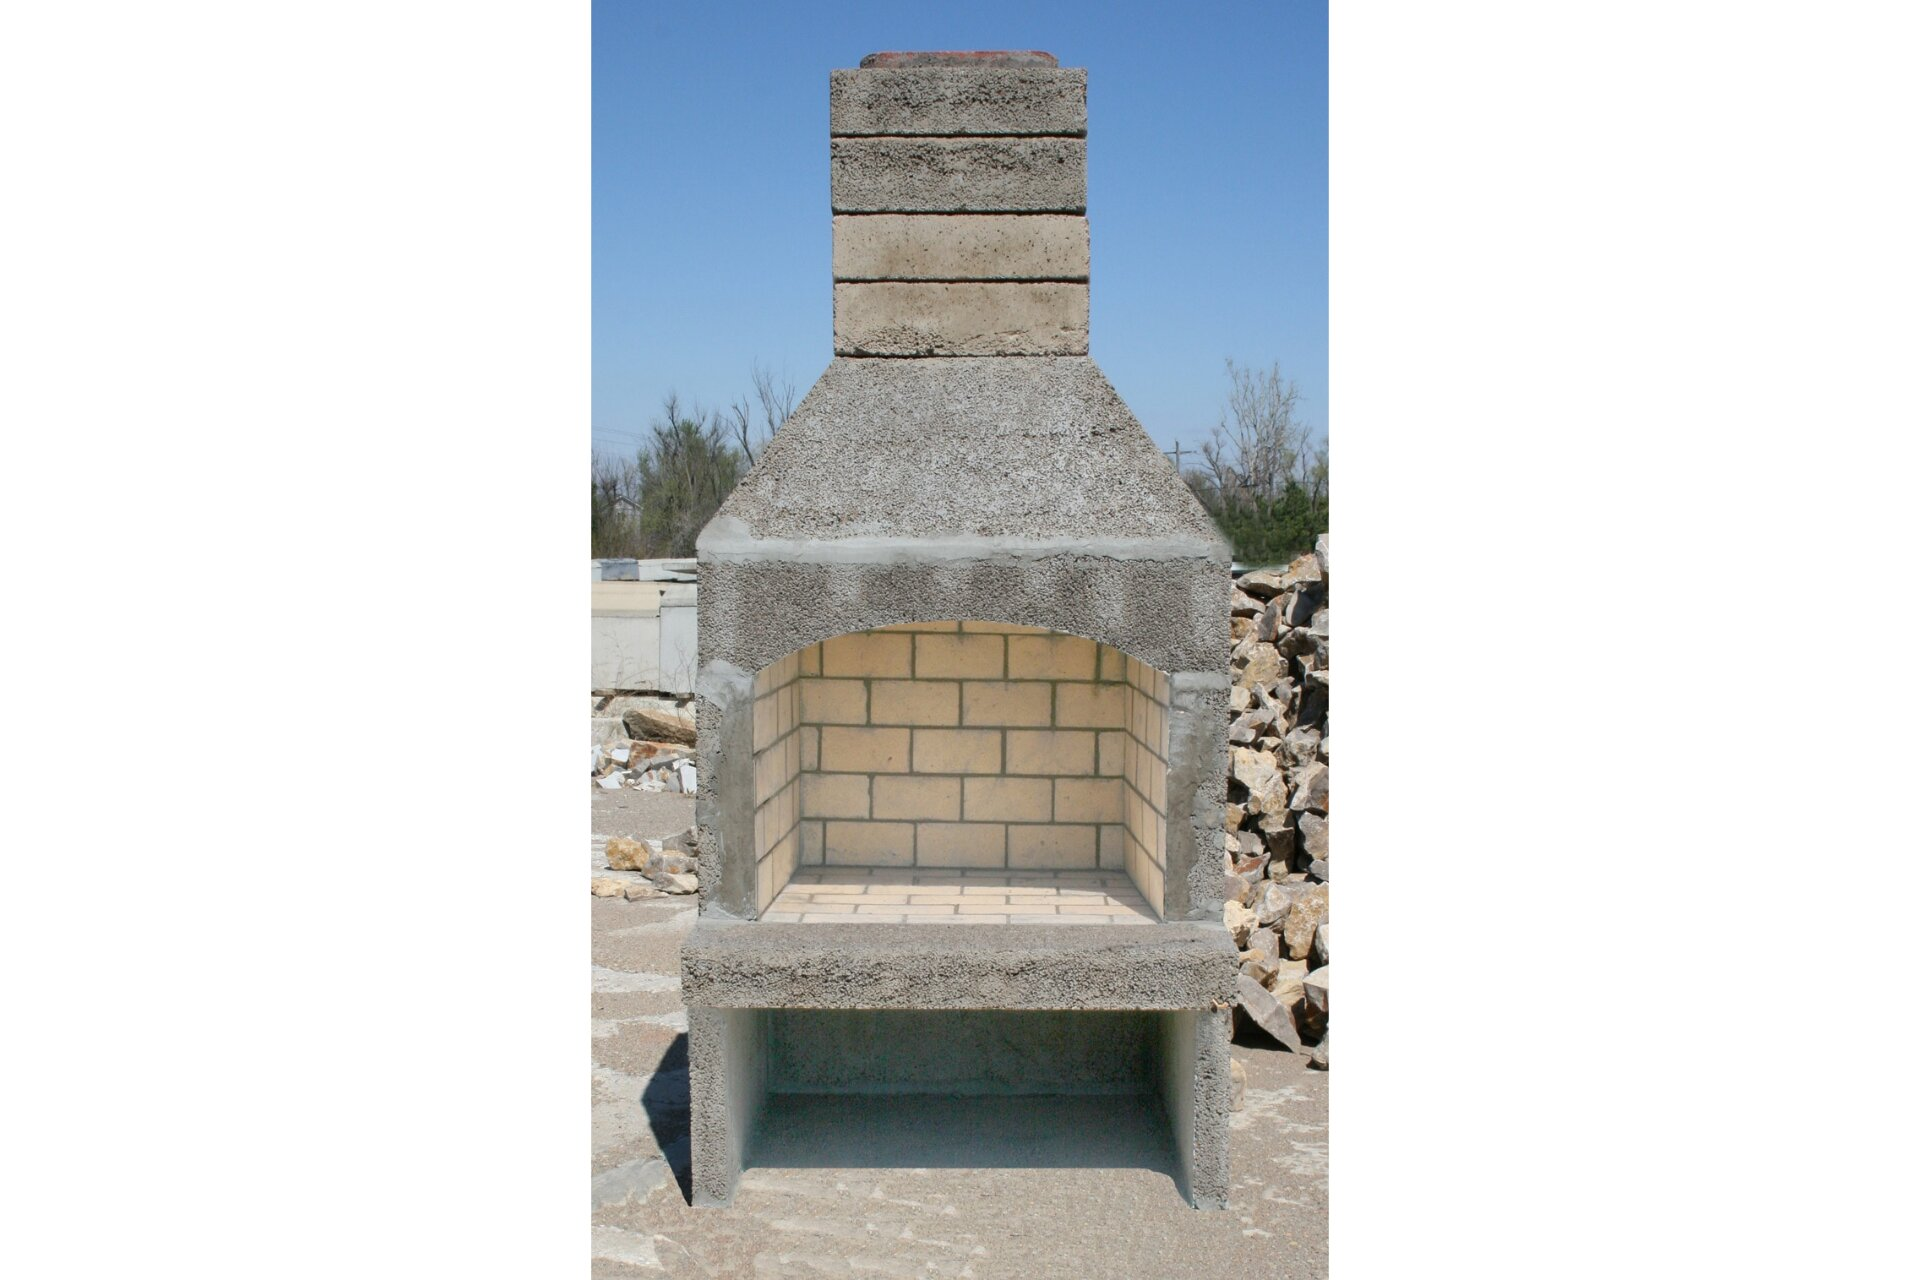 Standard Series Masonry Fireplace Kit